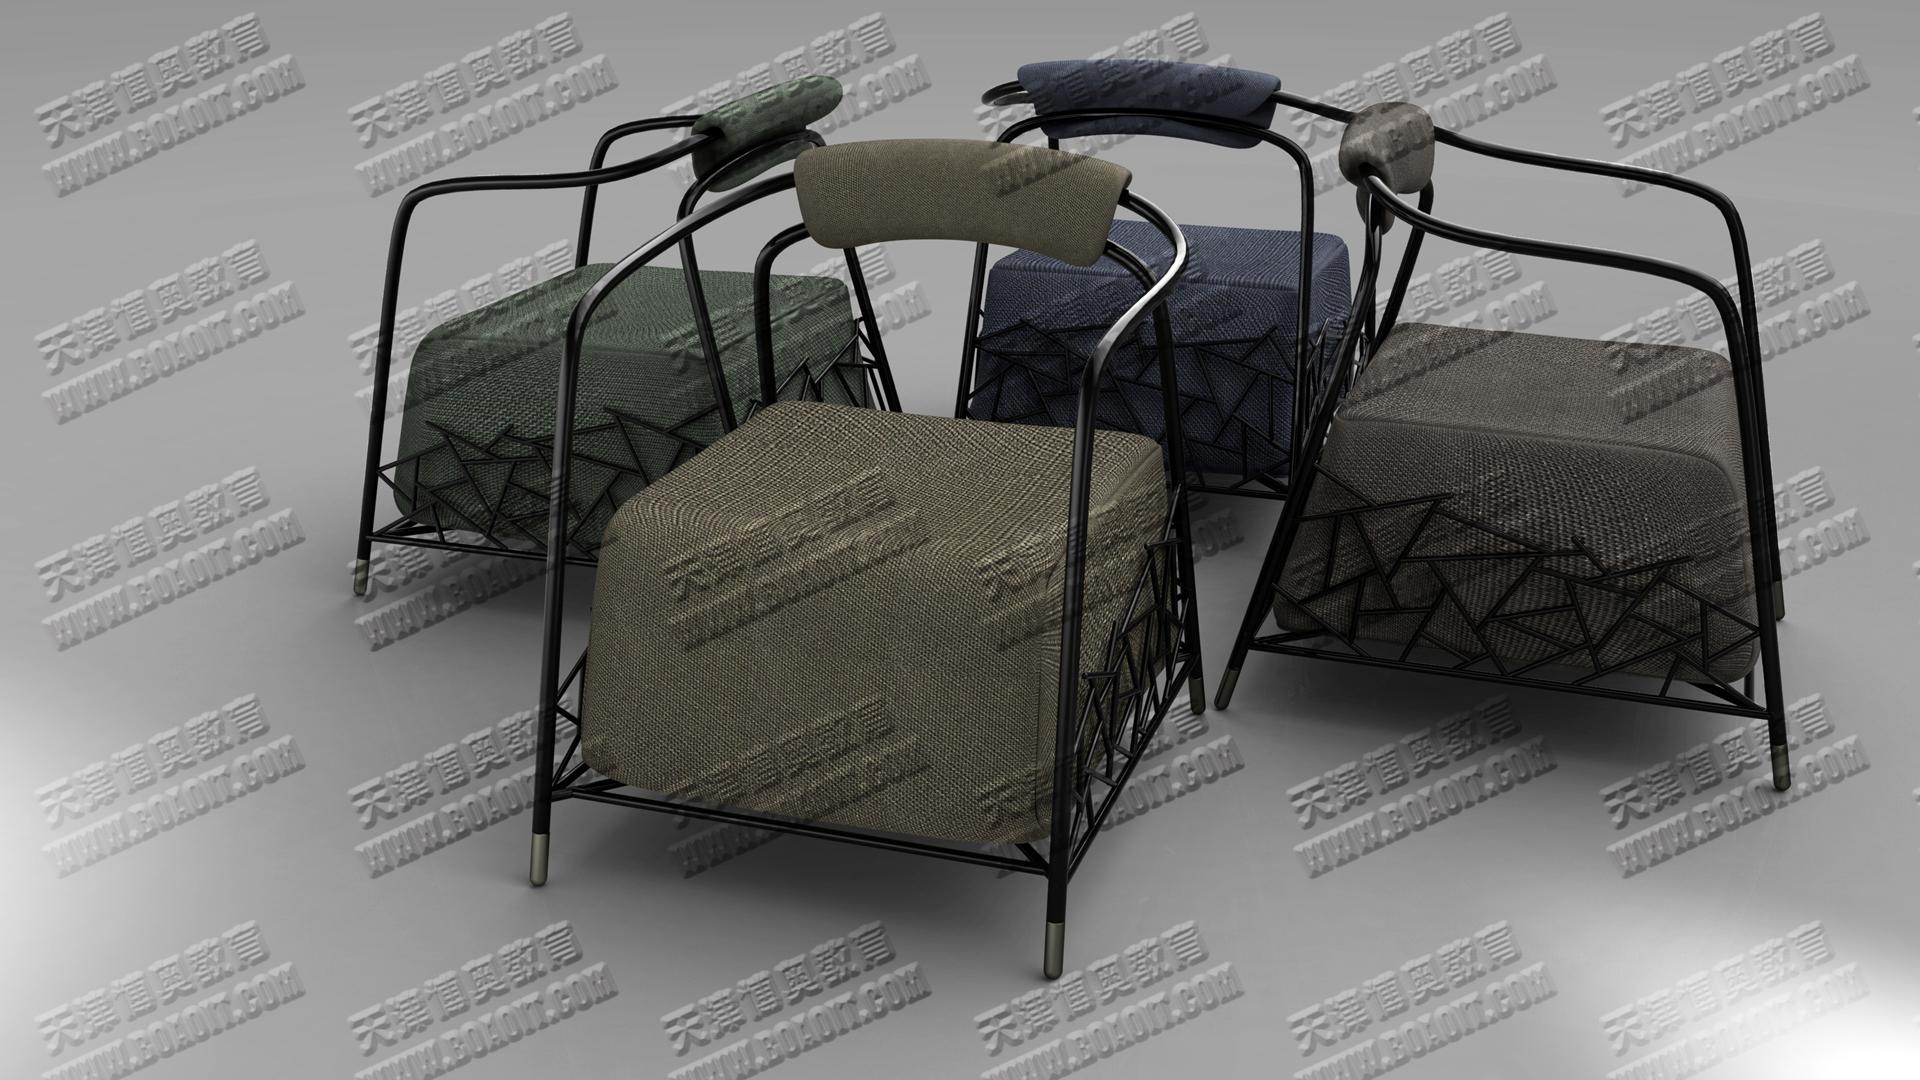 天津牛rhino工业造型设计培训_【犀牛rhino工业造型班